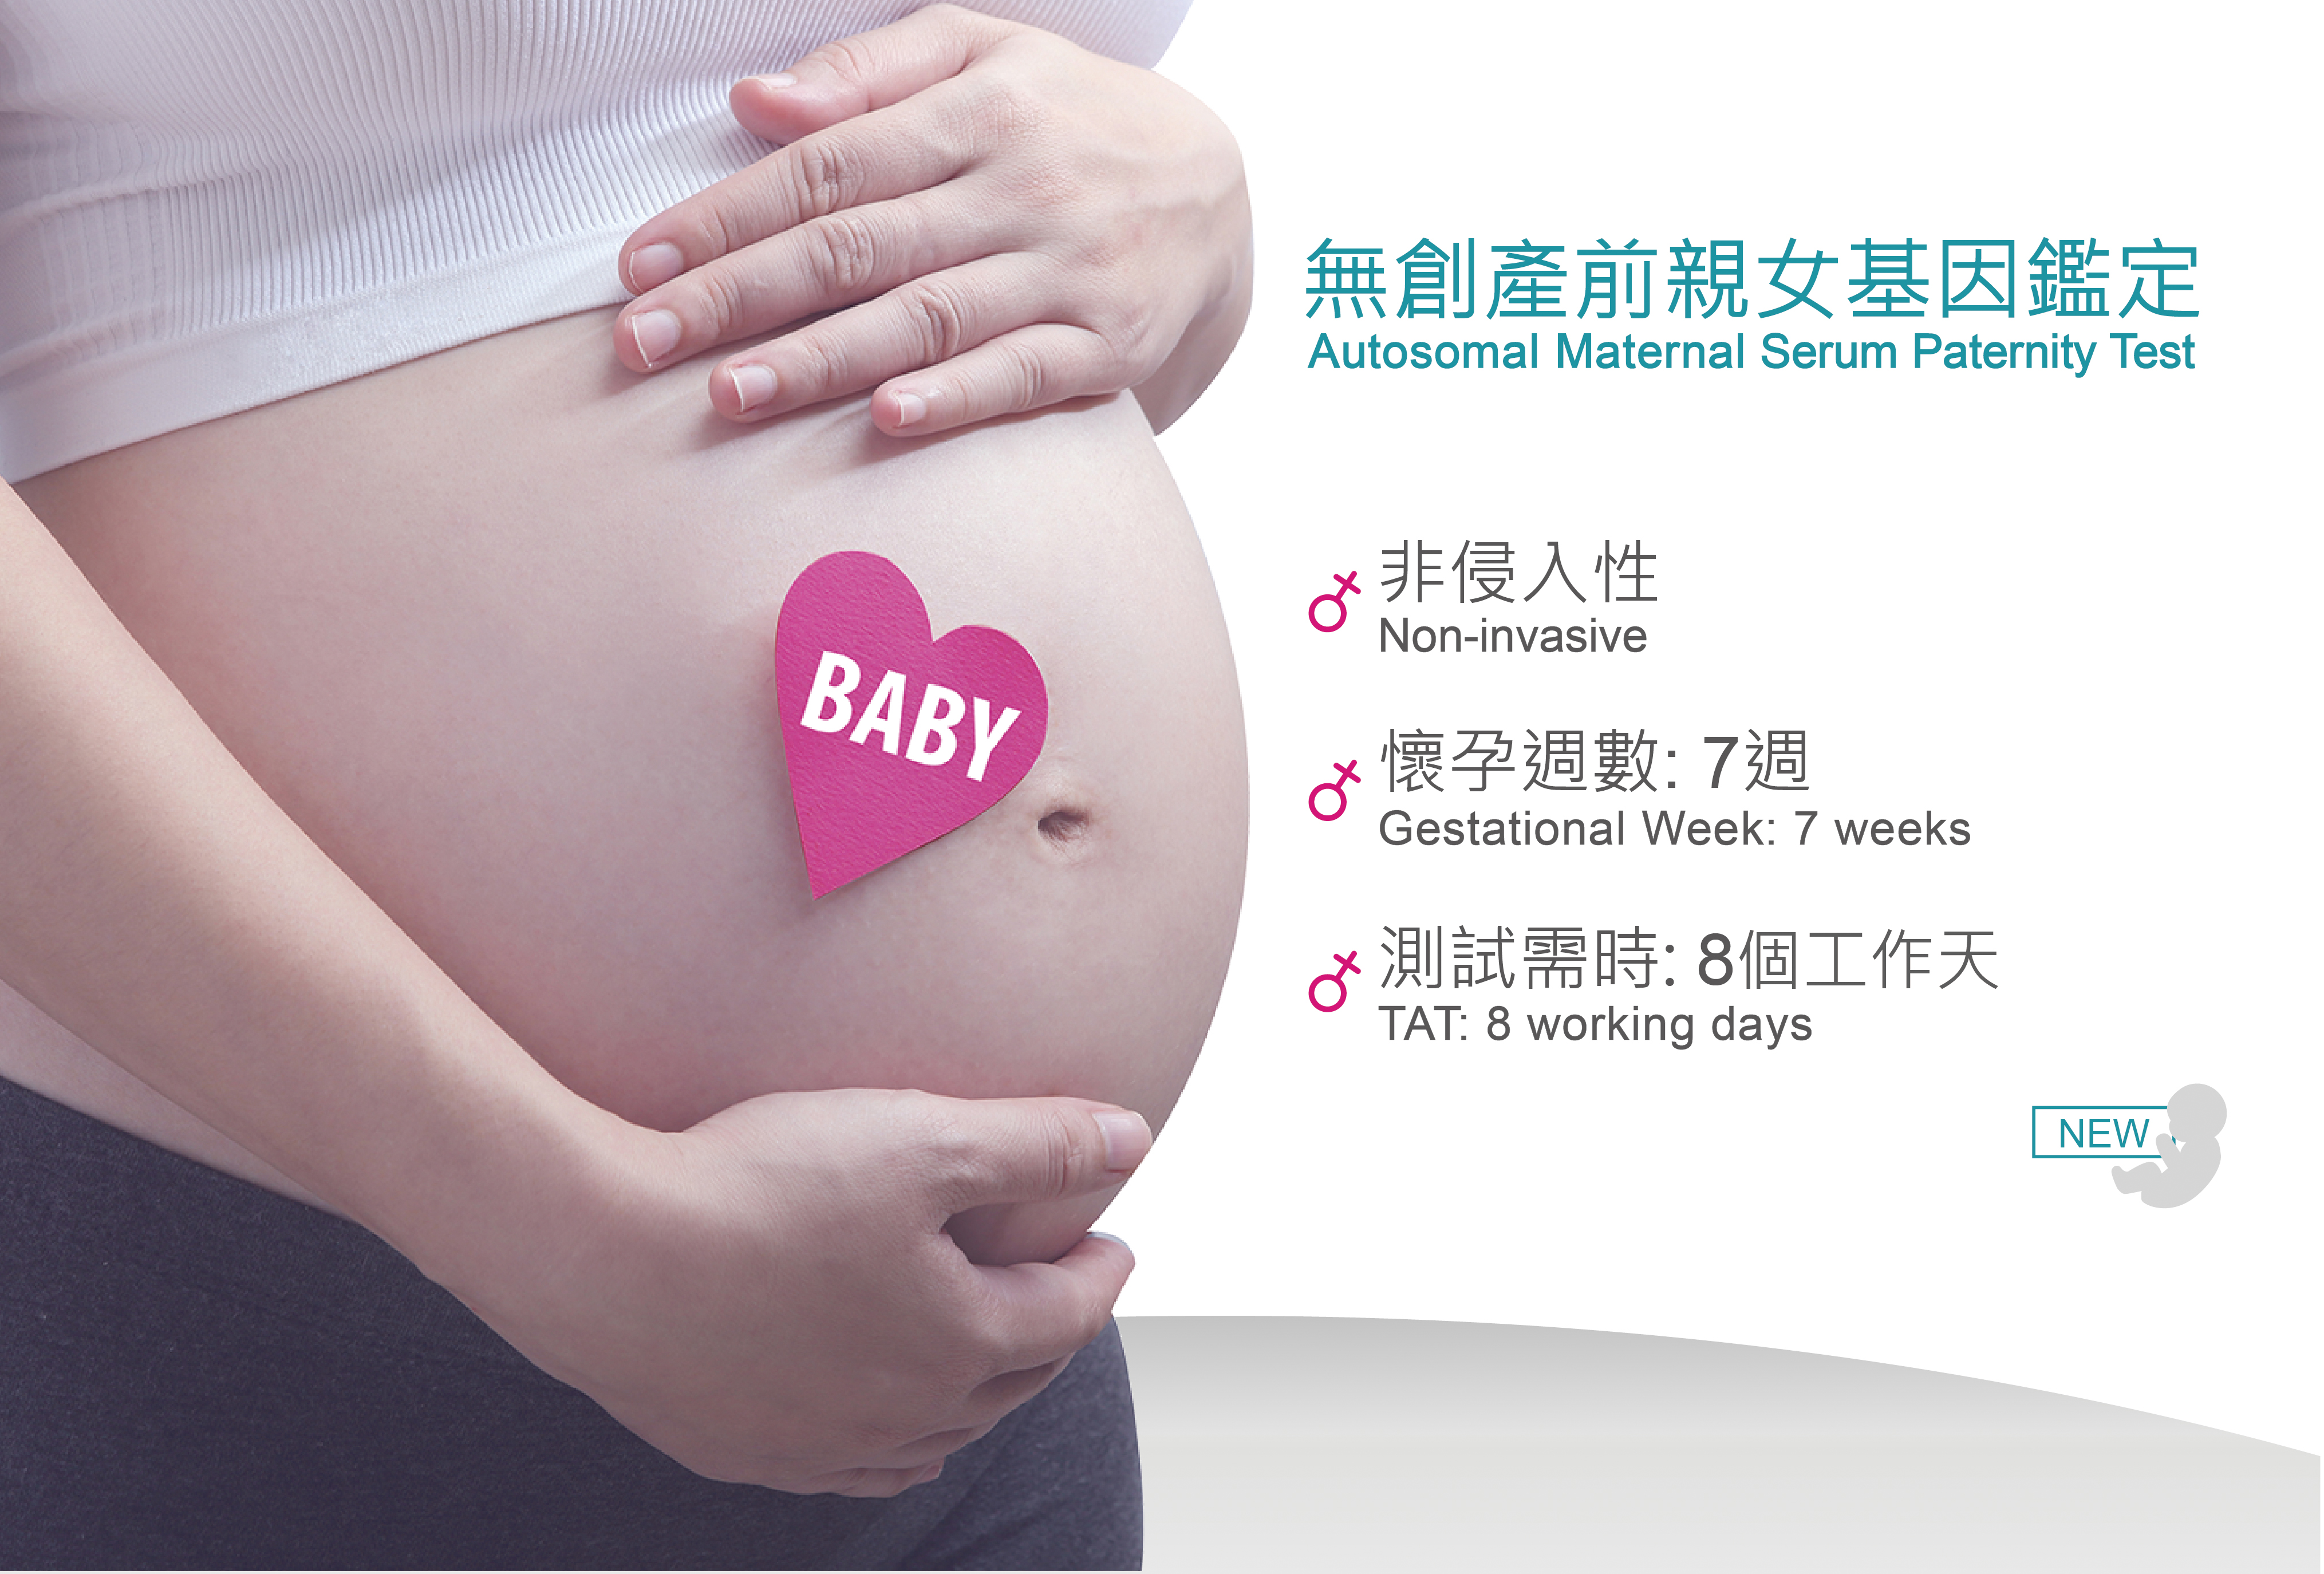 無創產前親女基因鑑定, 嶄新DNA鑑定技術 確定父女關係